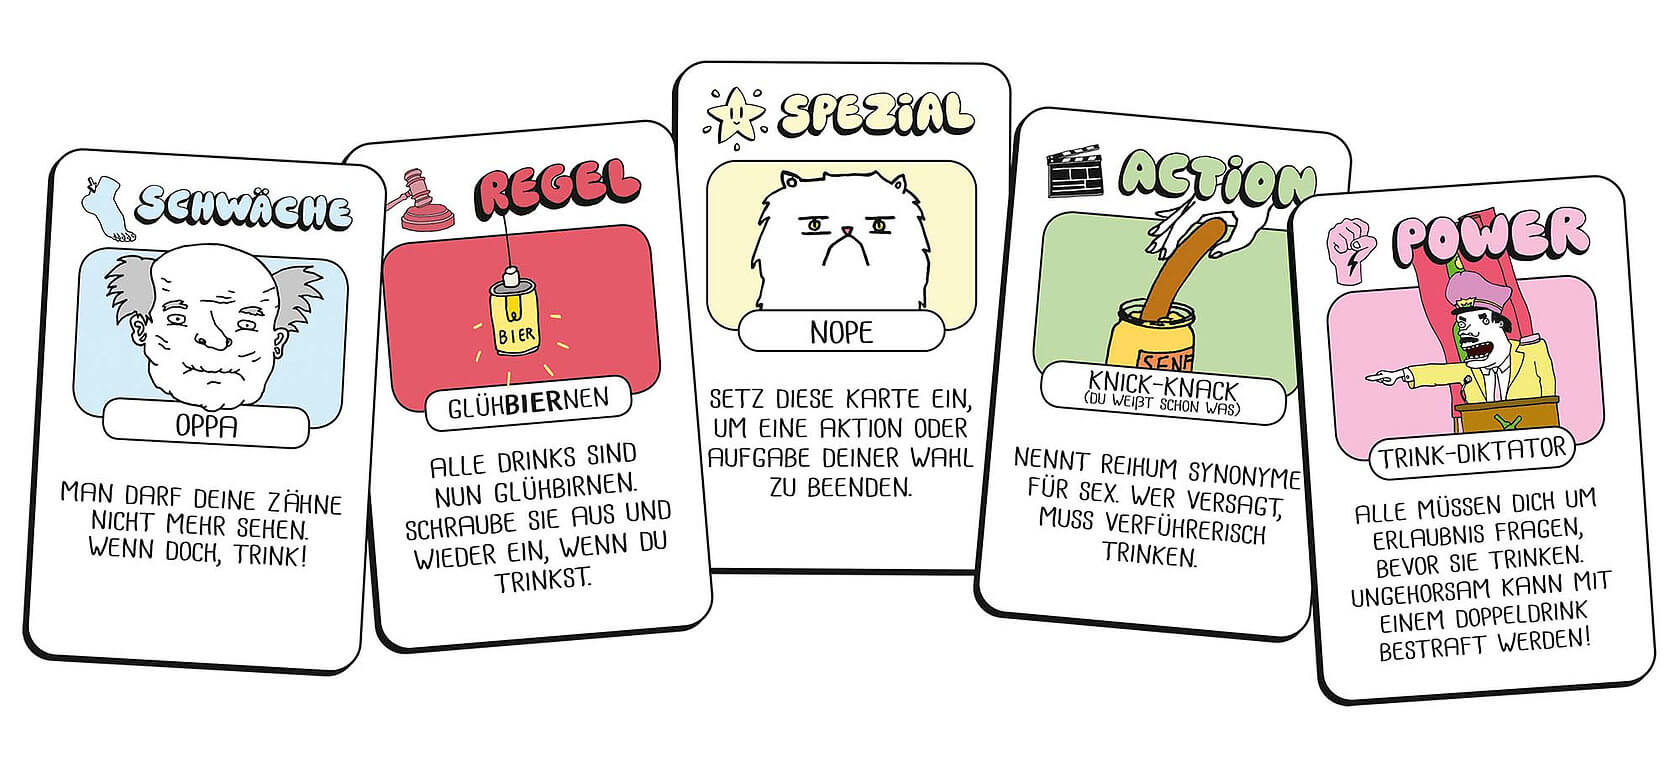 Spielkarten- Drink Drank Drunk